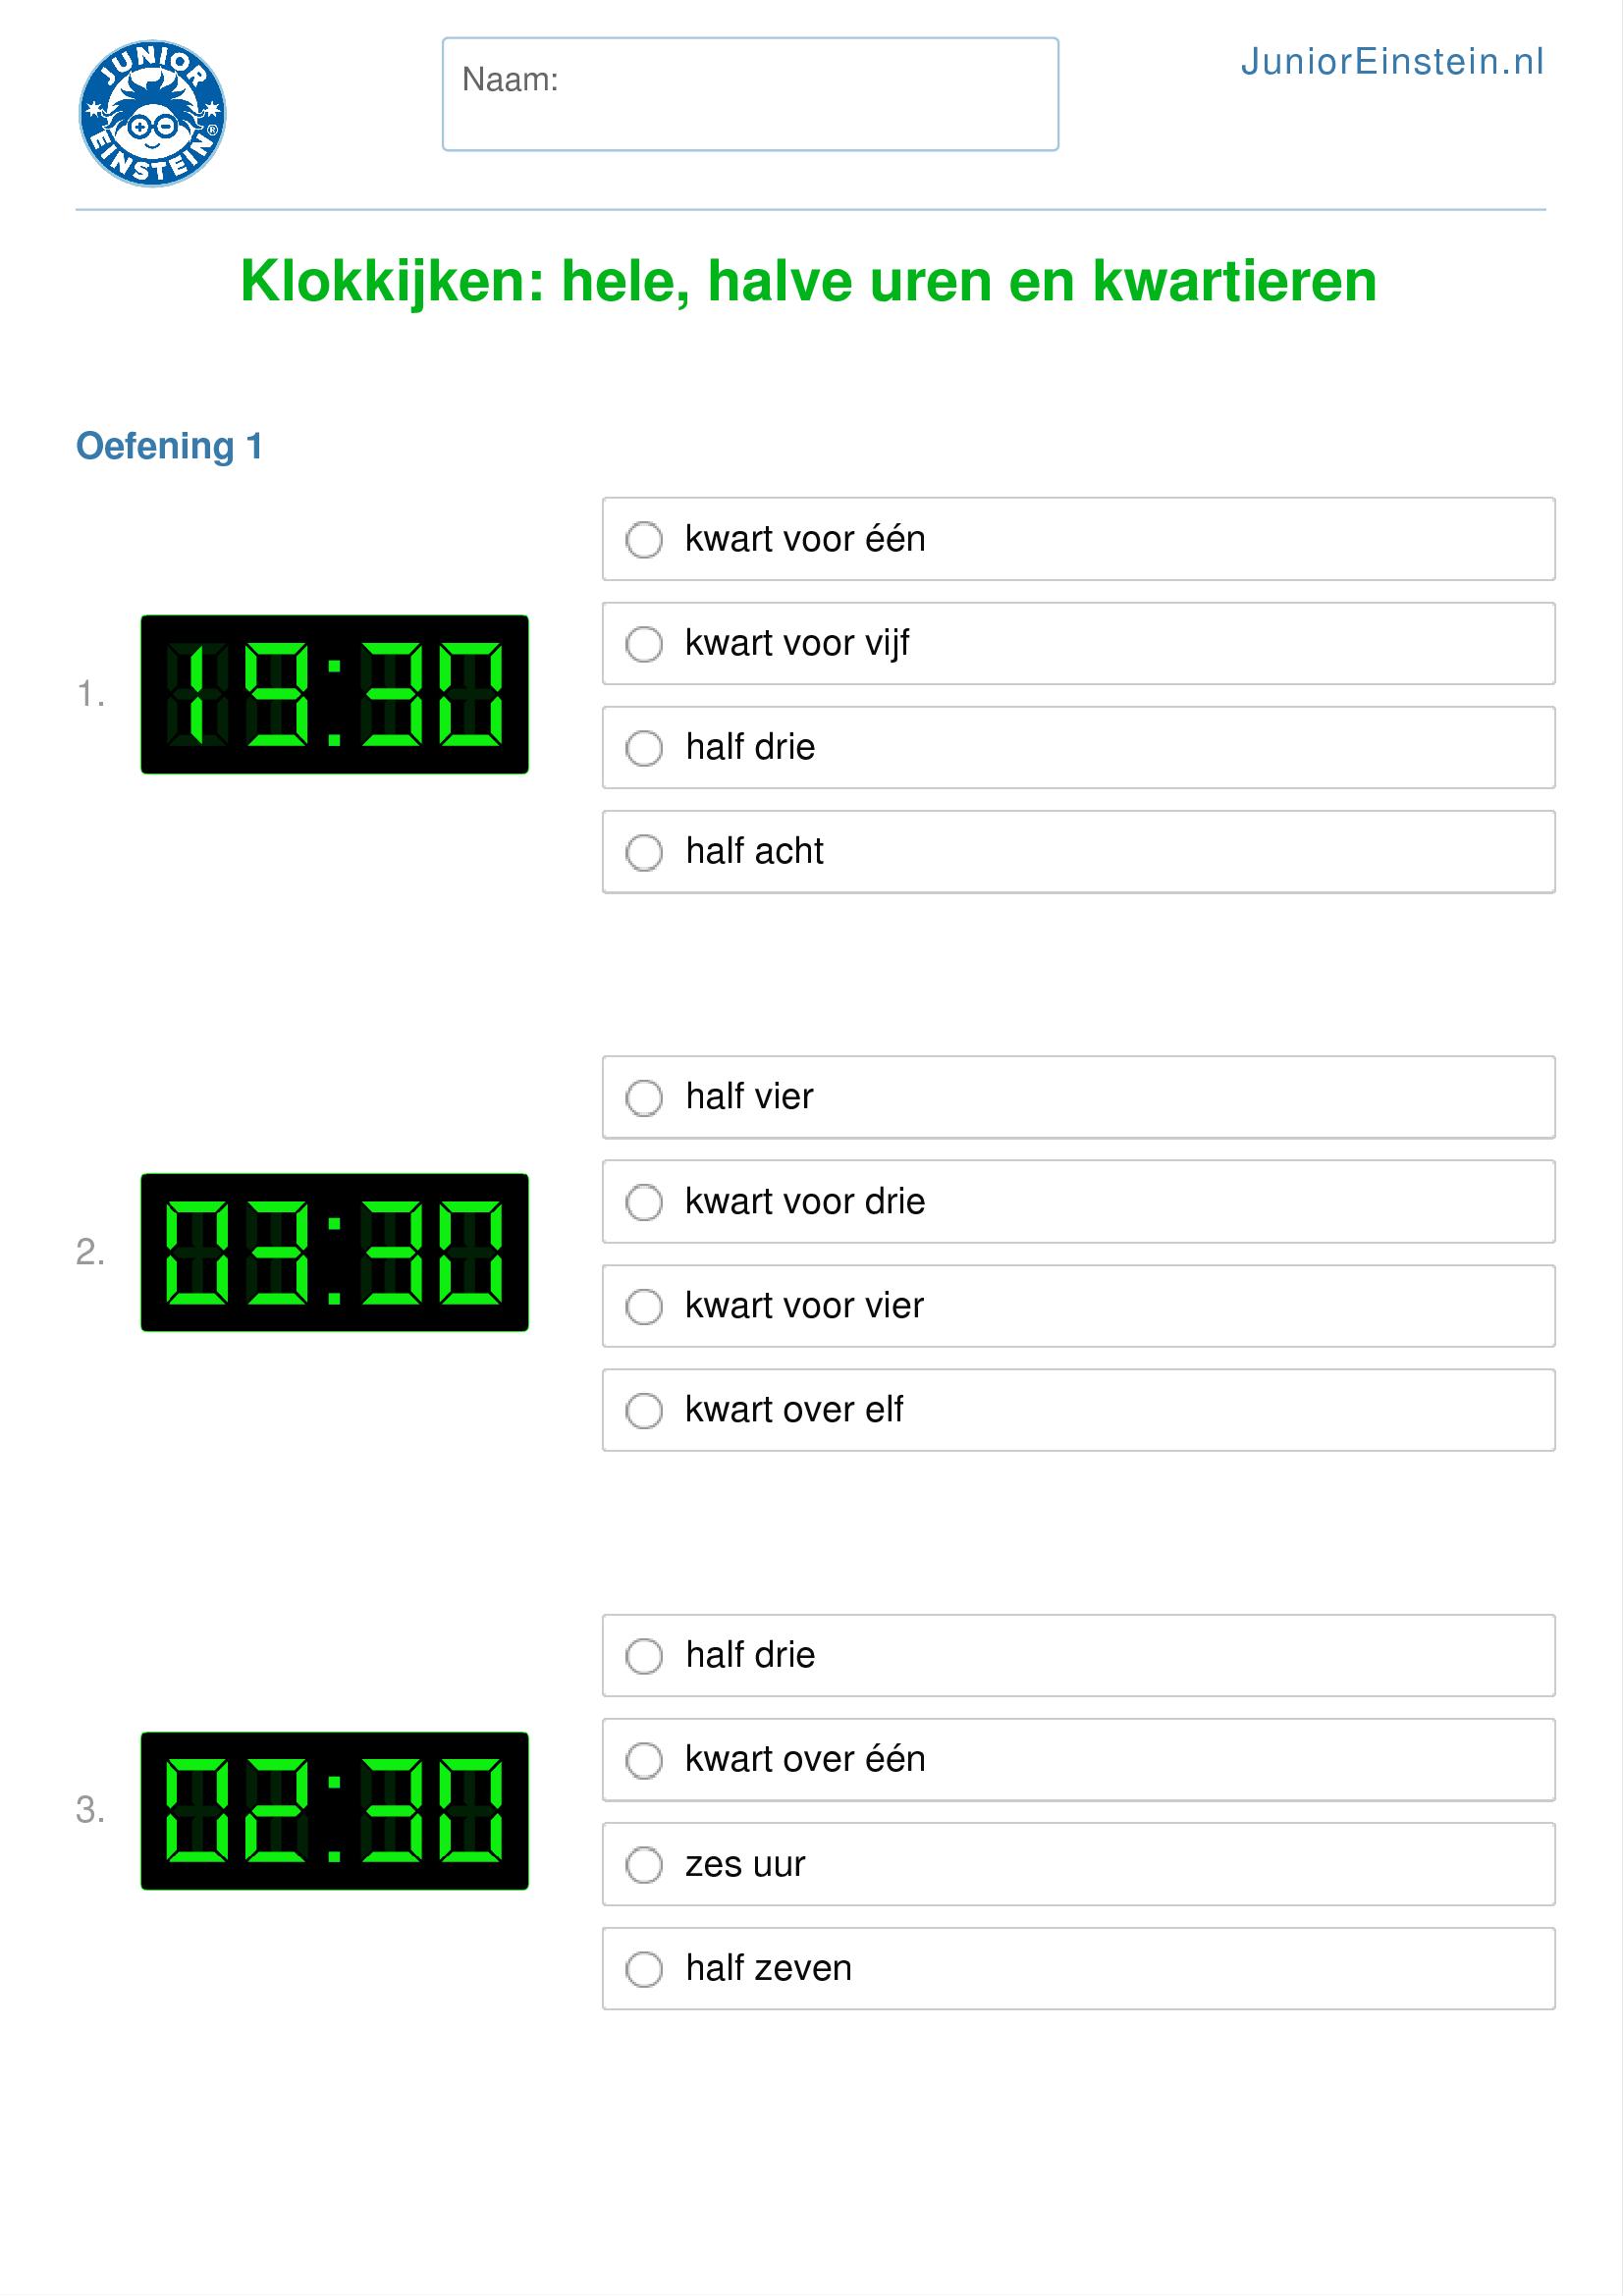 Genoeg Werkblad: Klokkijken: hele, halve uren en kwartieren (geschikt #YL25